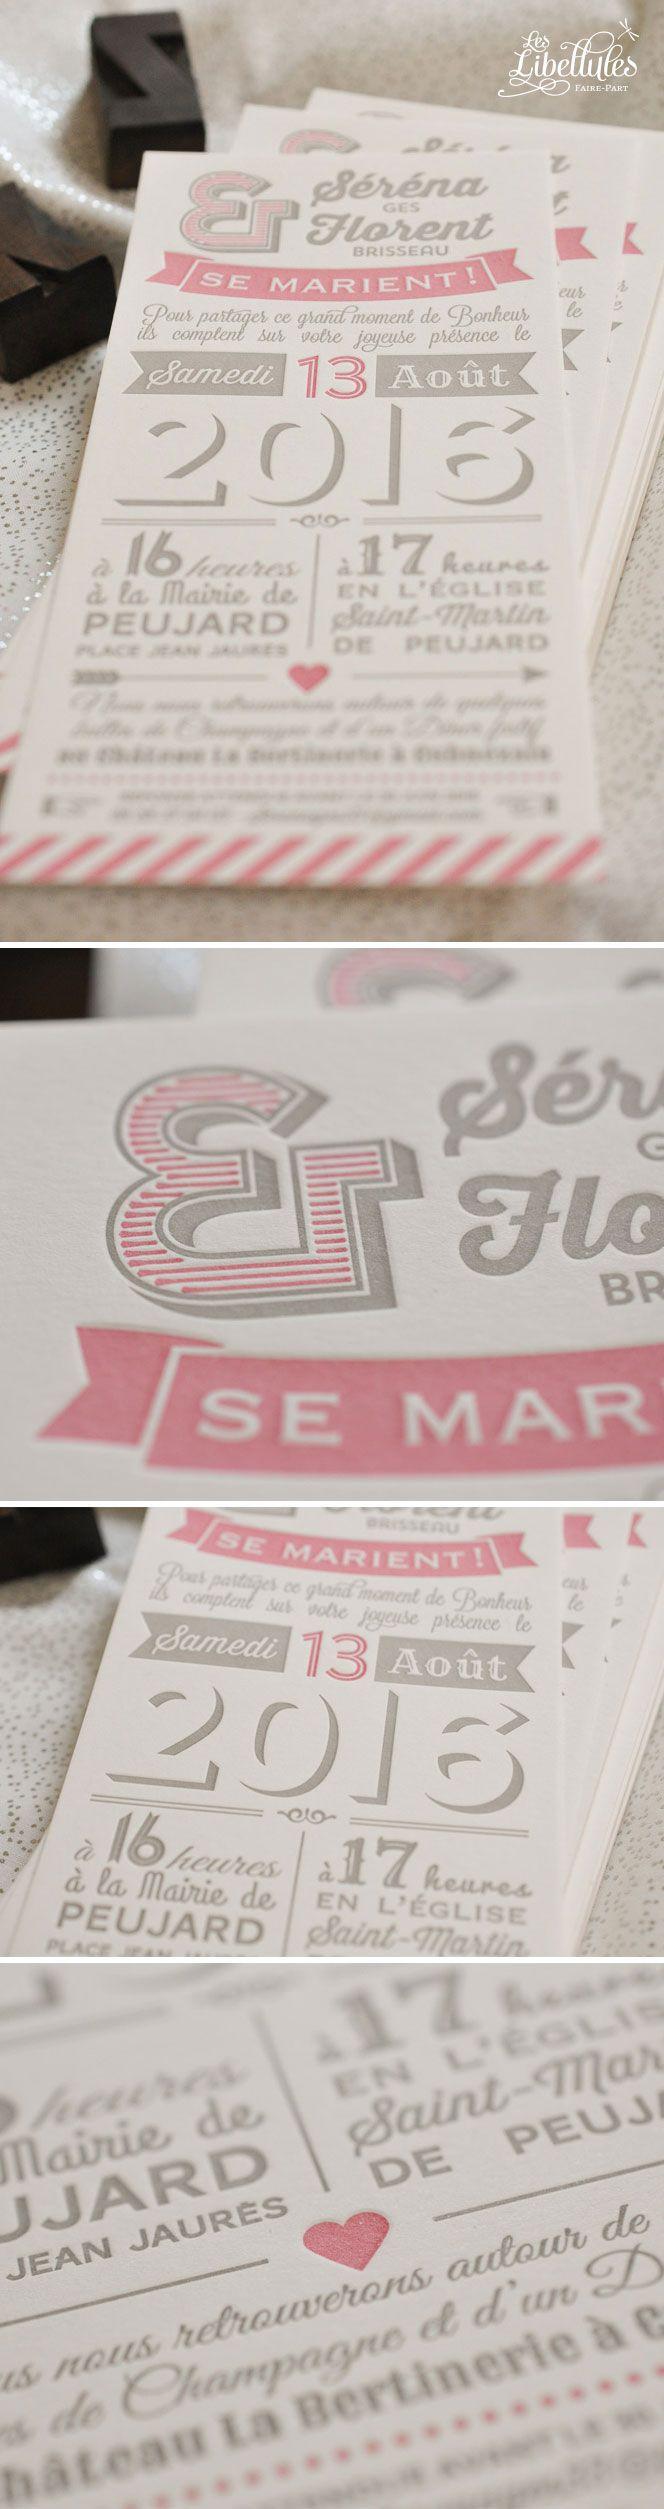 """Magnifique Faire-part mariage """"Déclaration"""" en Letterpress, en jeu de typographies vintage et tendance. Tout en longueur, il est gris chaud et vieux rose, imprimé sur papier 100% coton tellement doux // Gorgeous Letterpress wedding invitation with a mix of vintage font, in grey and dust pink. Printed on oh so soft cotton paper. www.Les-Libellules.fr"""